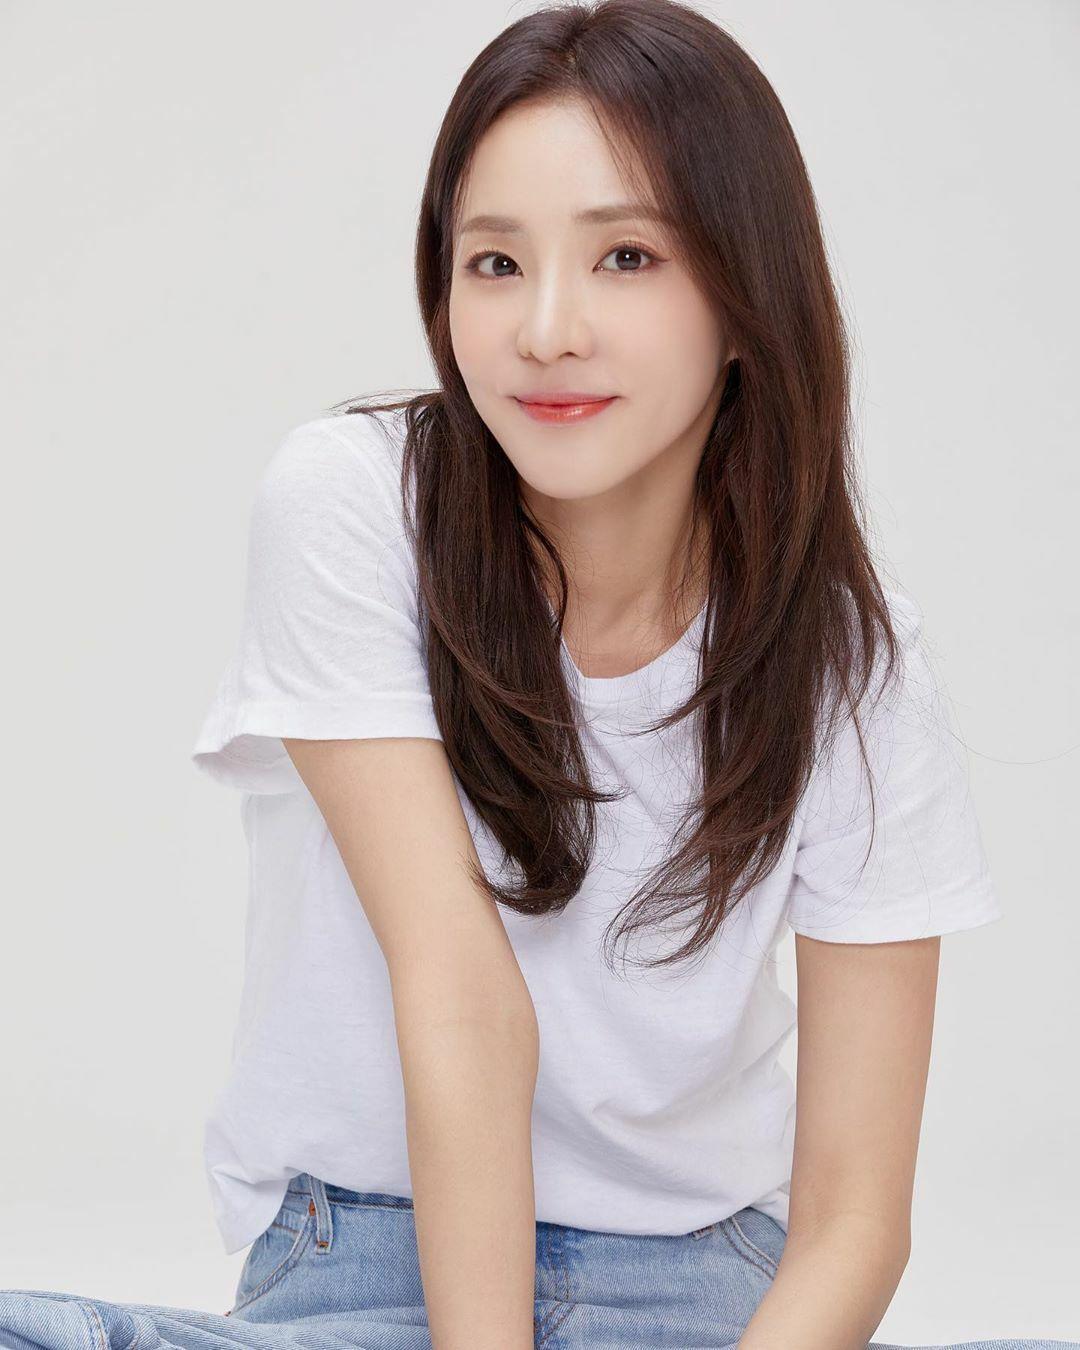 Làn da khỏe mạnh, mịn màng giúp Dara trông trẻ trung, tràn đầy sức sống.